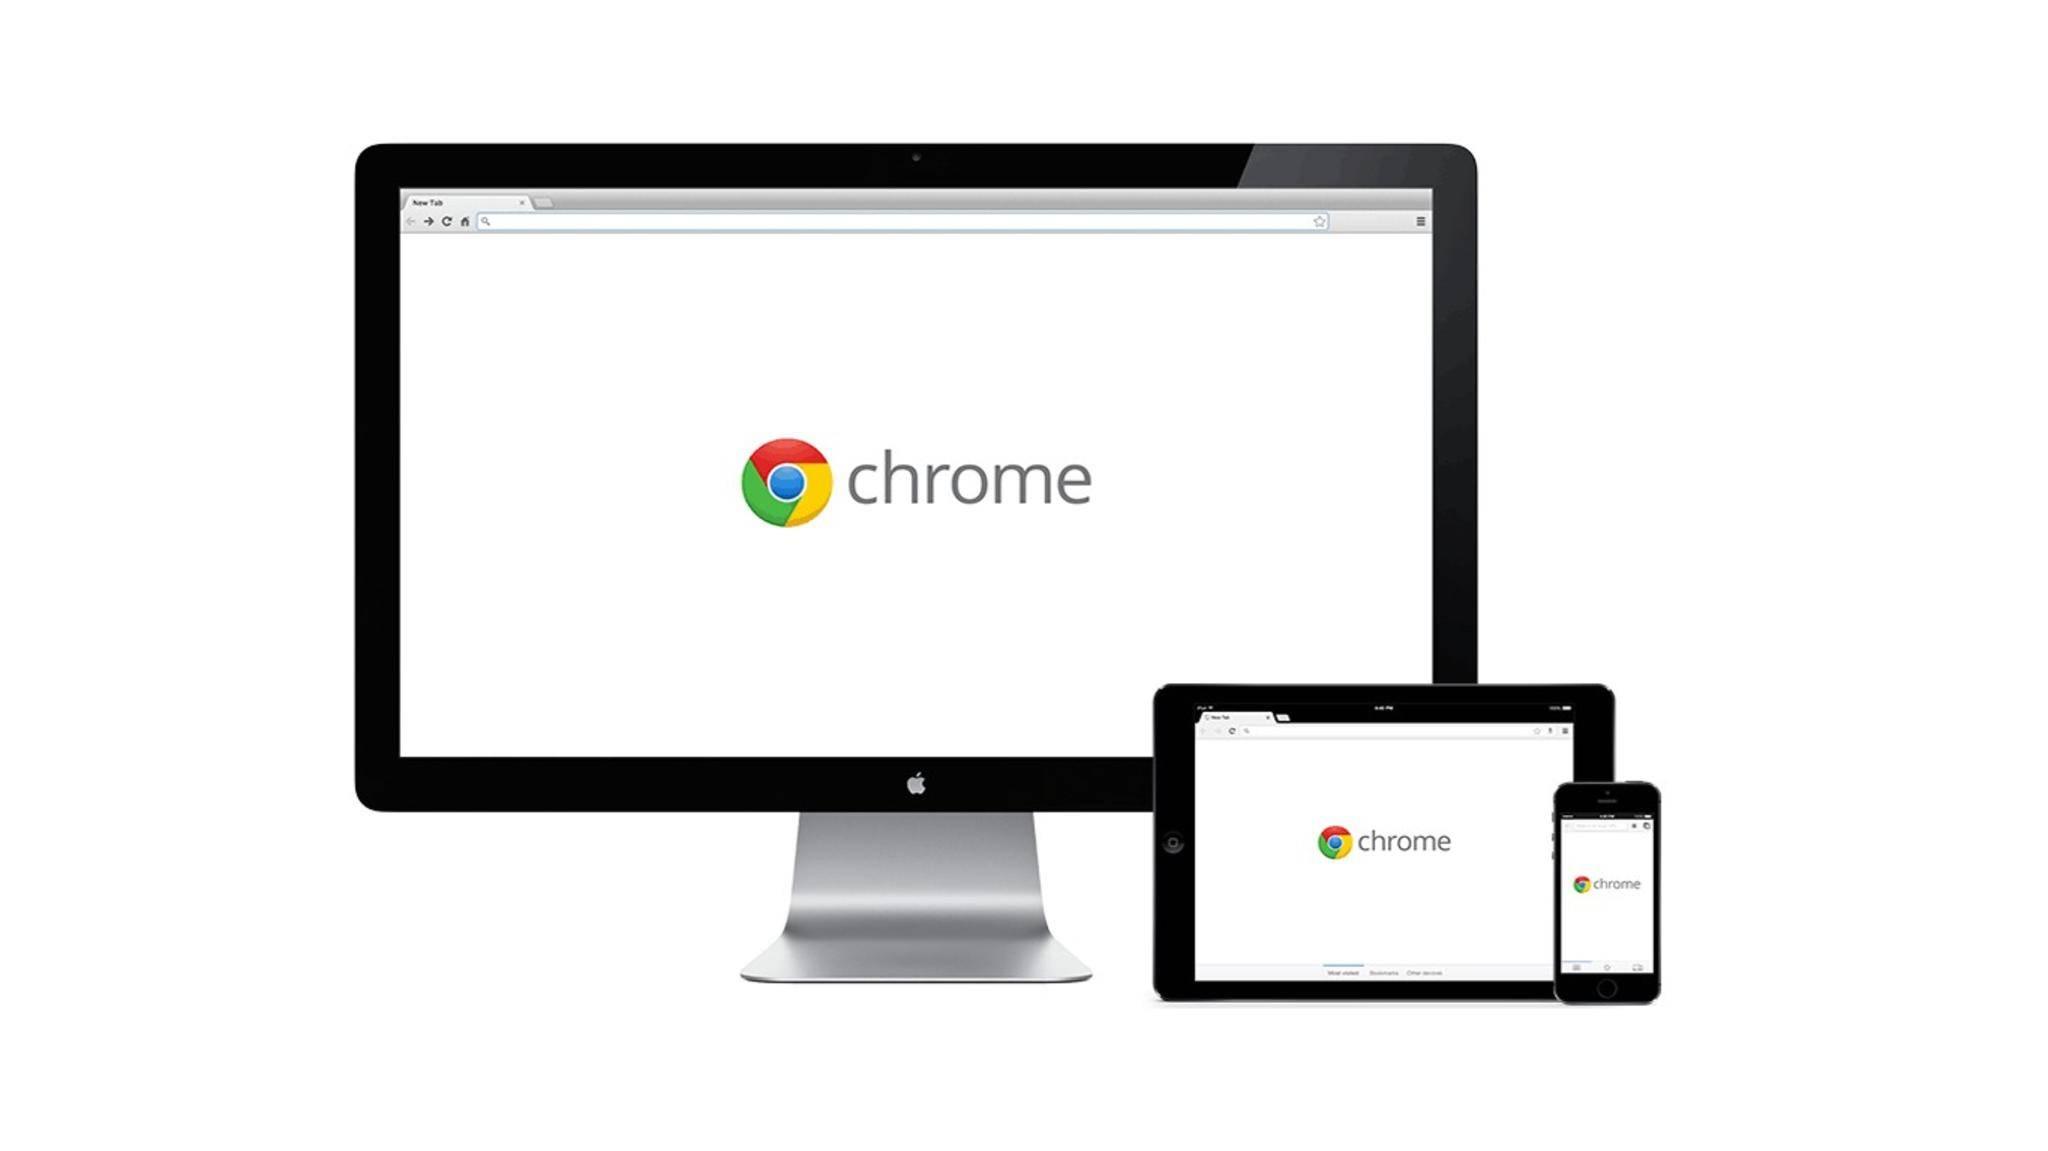 Mit Deinem Google-Konto kannst Du Deine Chrome-Passwörter auf verschiedenen Geräten synchronisieren.